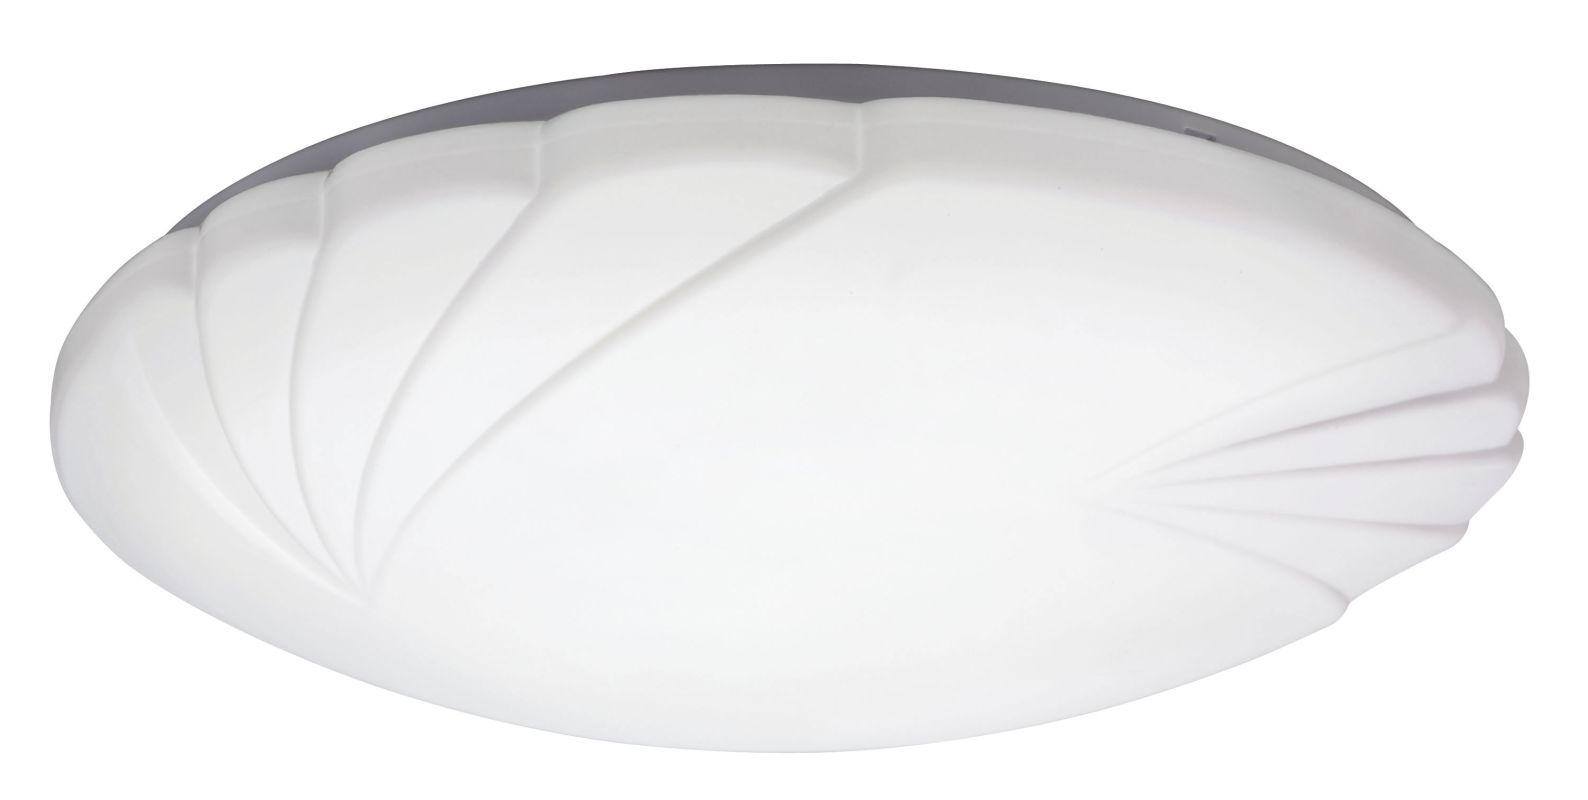 """Lithonia Lighting FMCRNL 14 20840 M4 Crenelle 14"""" Flush Mount 4000K"""